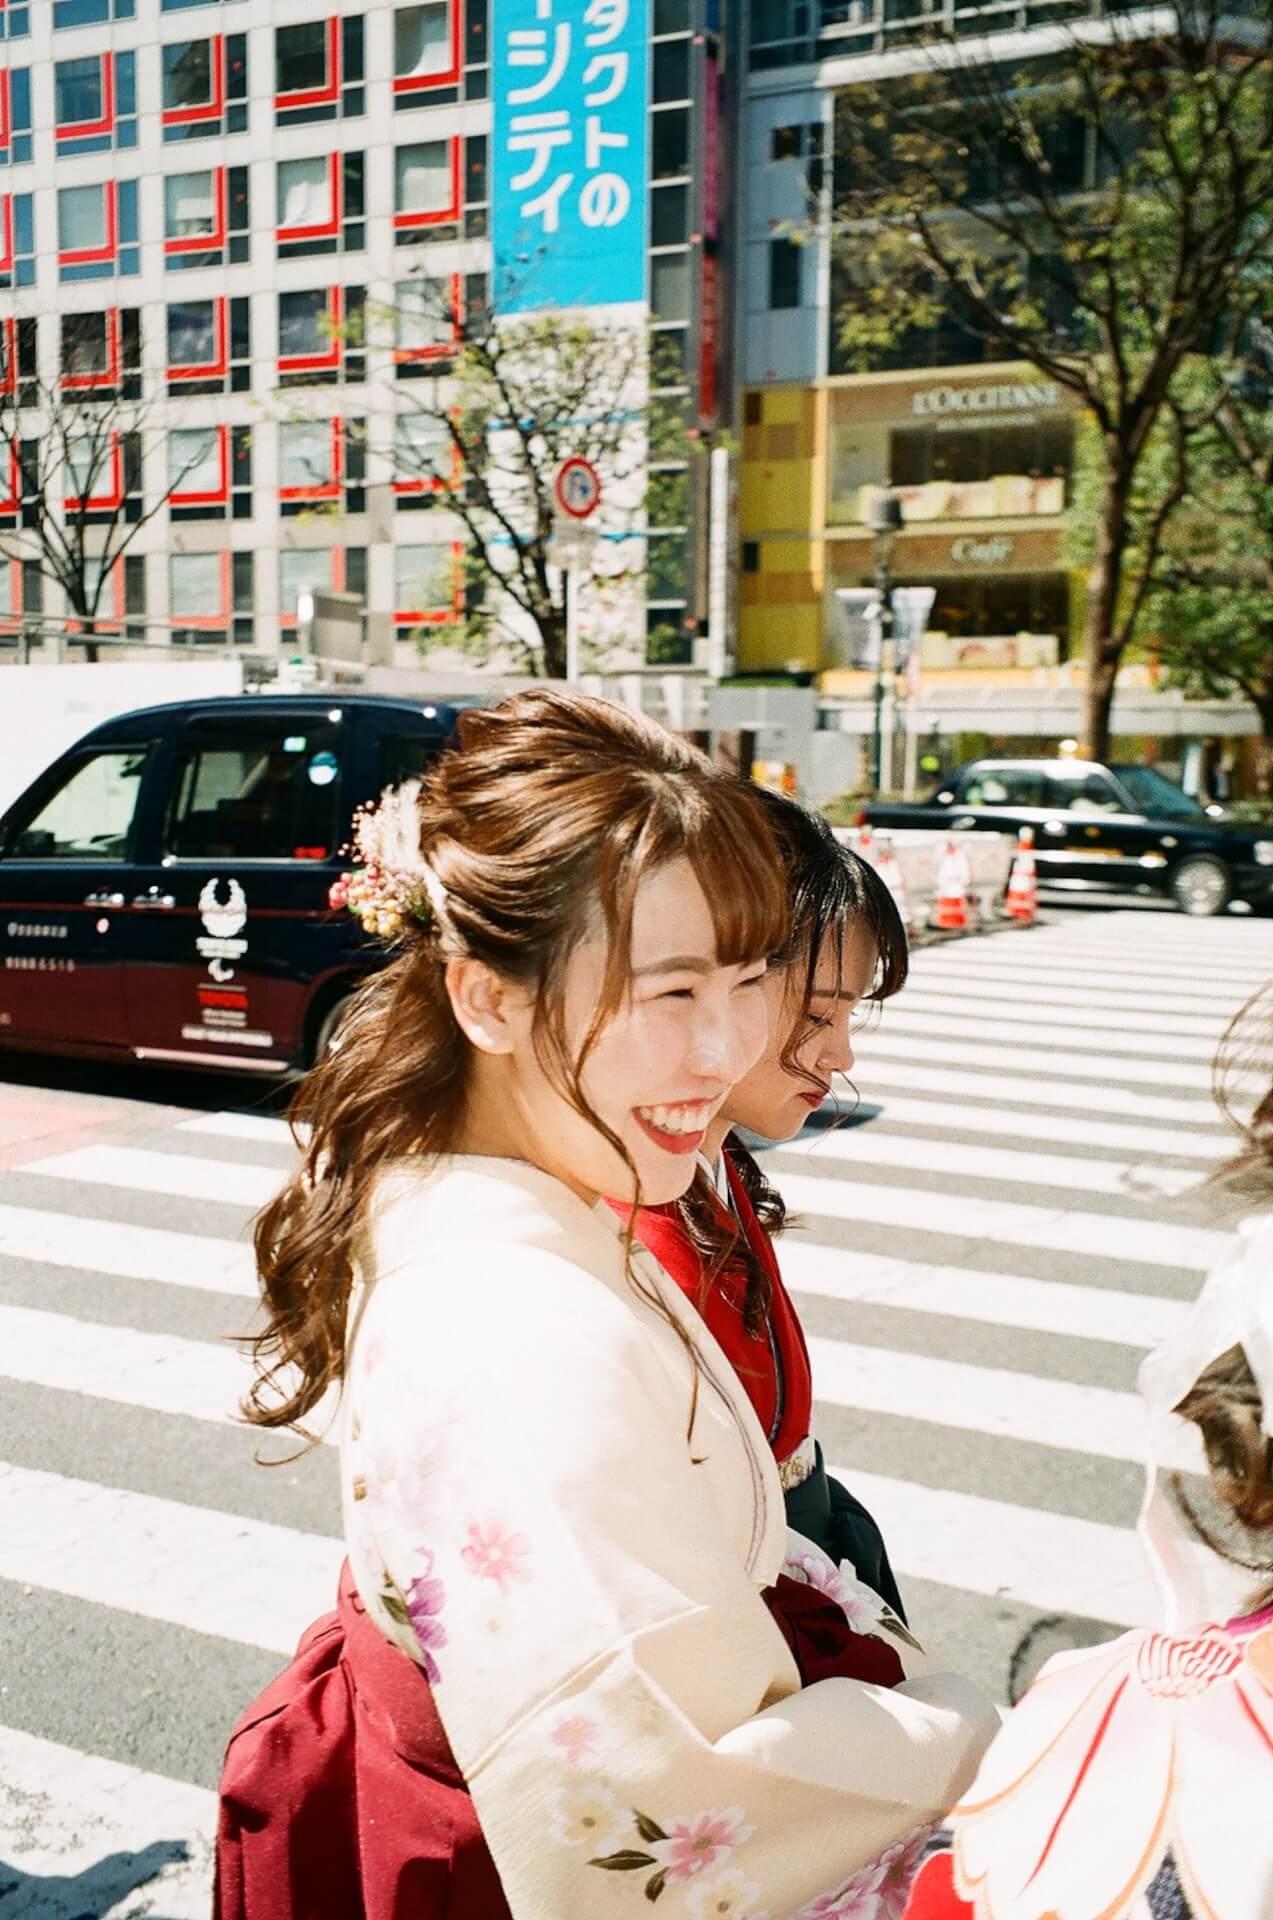 はなむけしゃしん - ぶるじょあ会「渋谷は日本のTOKYO」 art200415_hanamukeshashin5_17